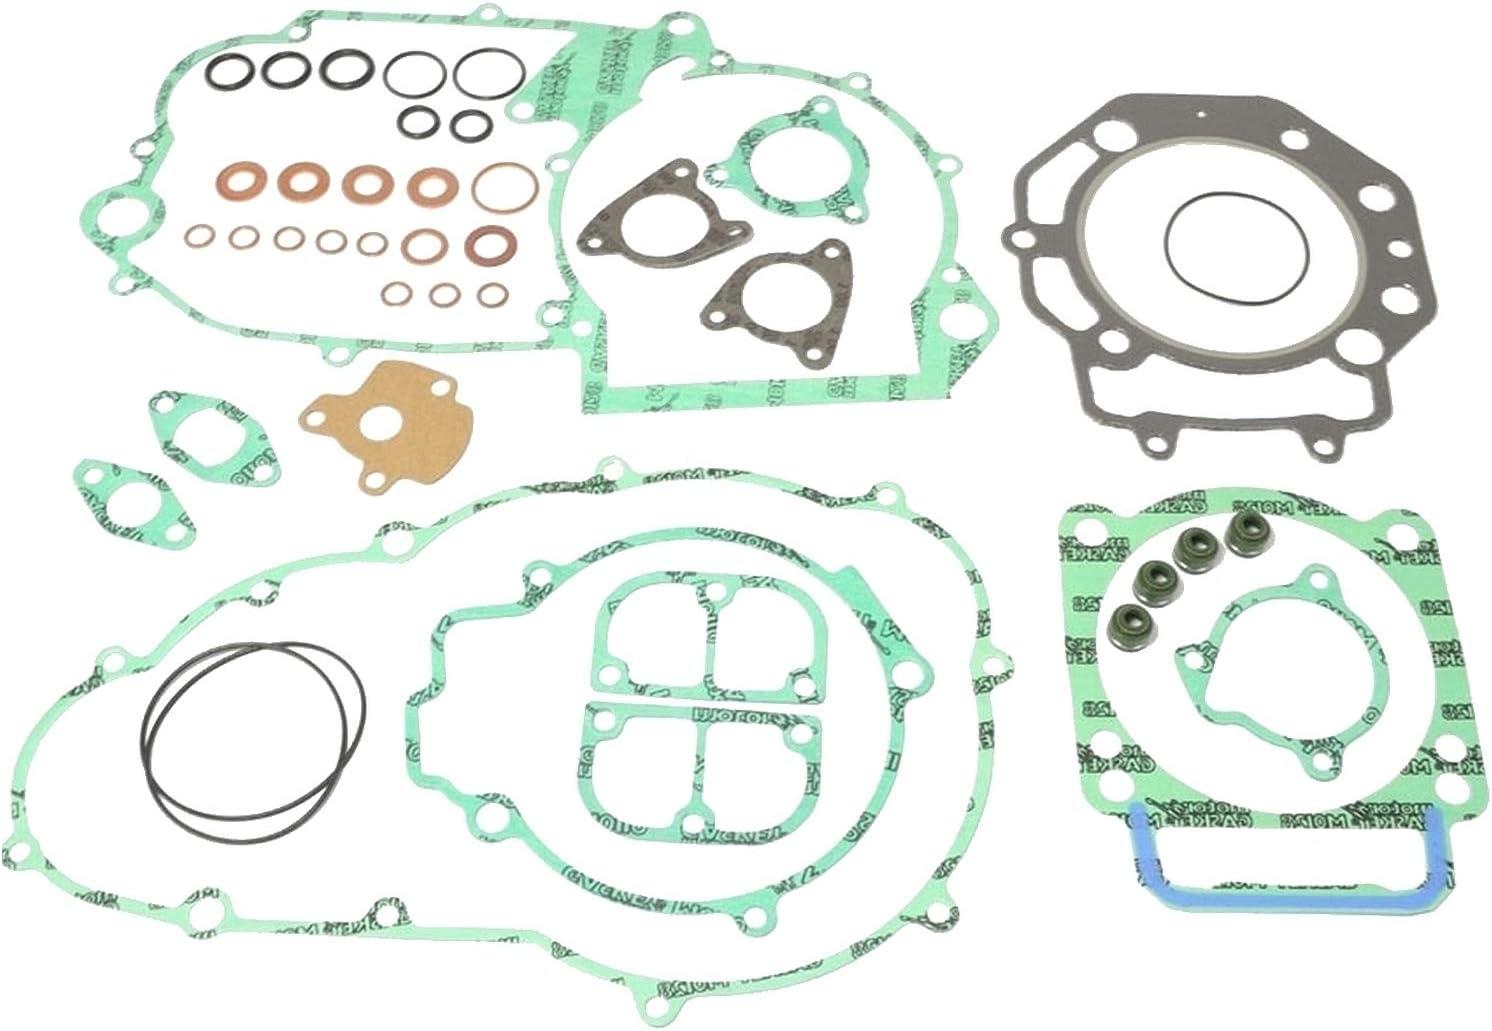 Motor Dichtsatz f/ür EGS 620 LC4 Baujahr 1996-1998 von Athena